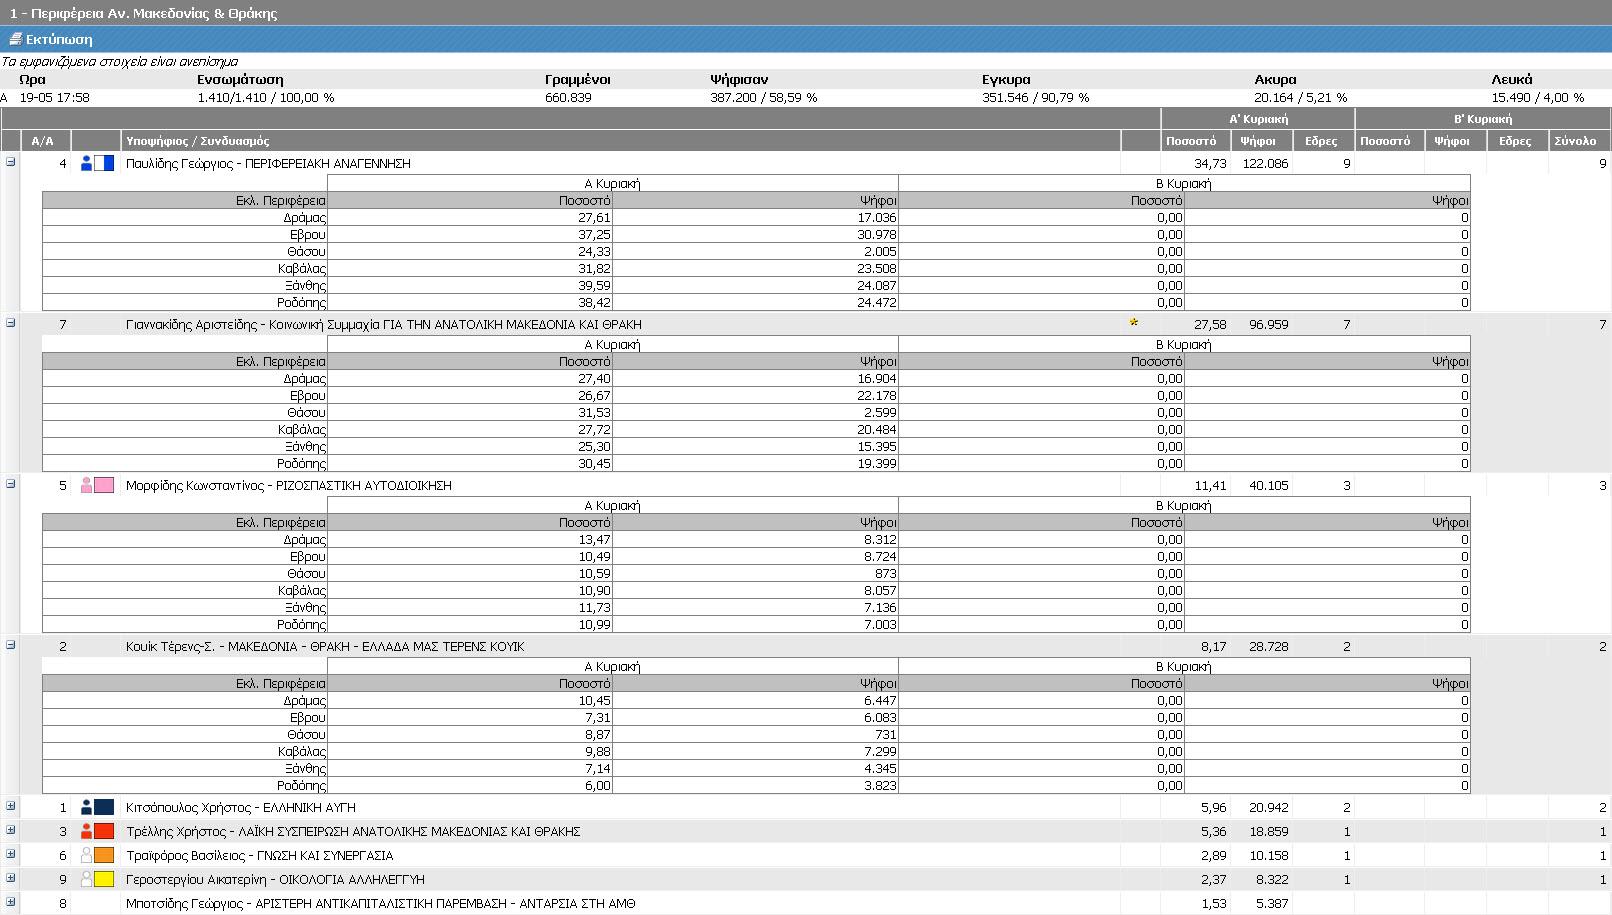 Αποτελέσματα Περιφέρειας Ανατολικής Μακεδονίας-Θράκης - Μέρος 1ο (Τελικά ΥΠΕΣ, Α' Κυριακή 18/5/2014 - αποτελέσματα 19/5/2014 17:58)